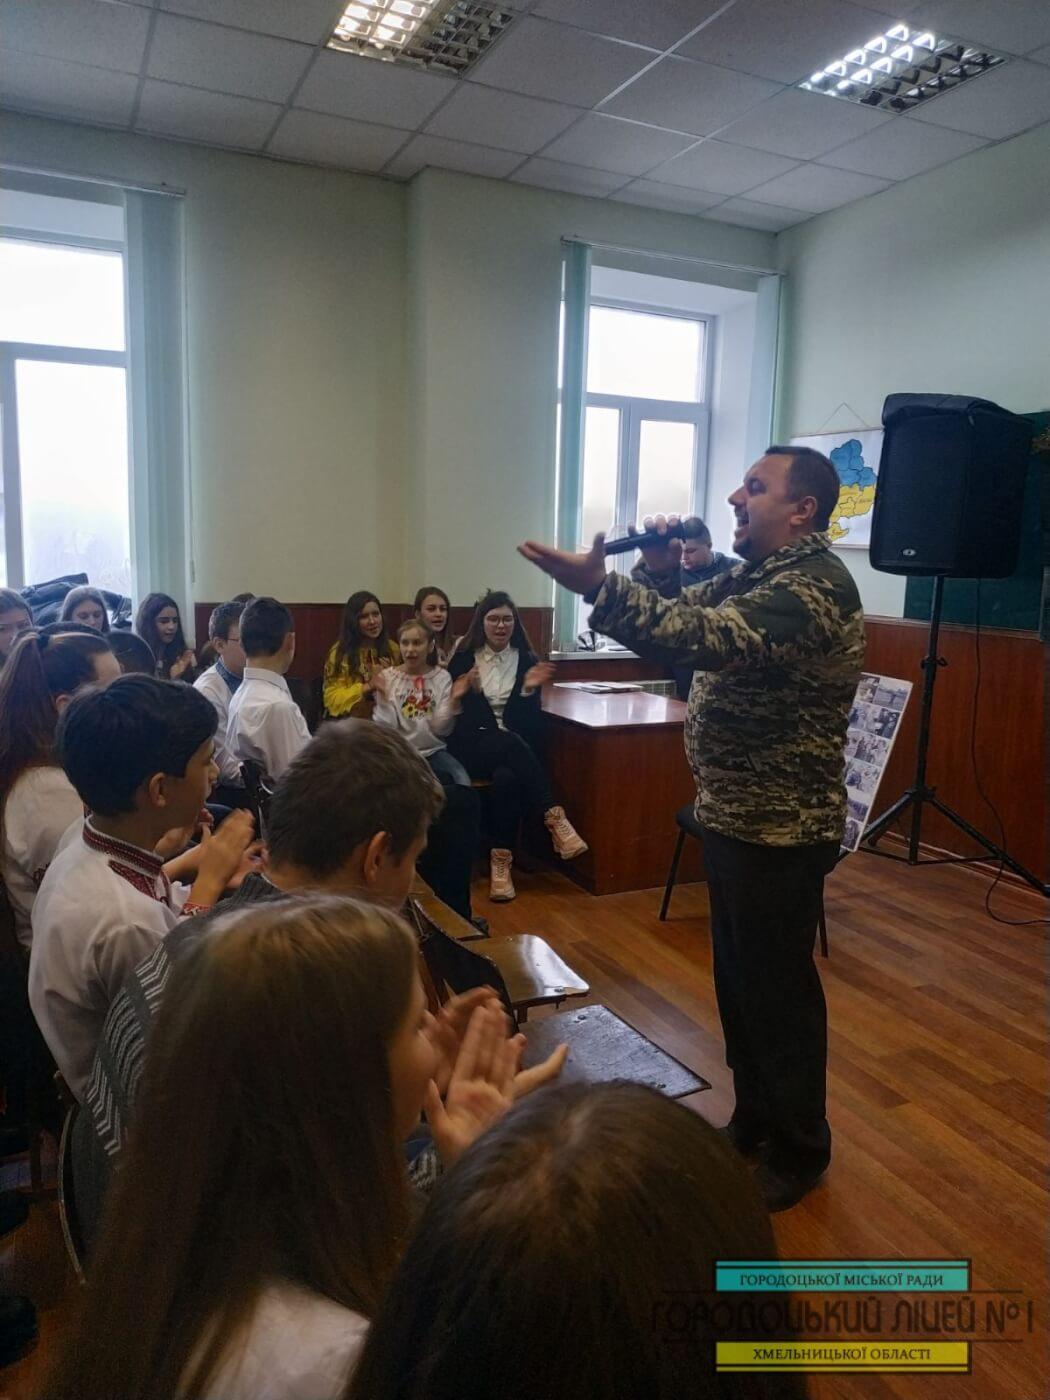 zobrazhennya viber 2019 12 12 09 34 35 - Пісенно-патріотичний урок «Гордімося, друзі, що ми – українці»